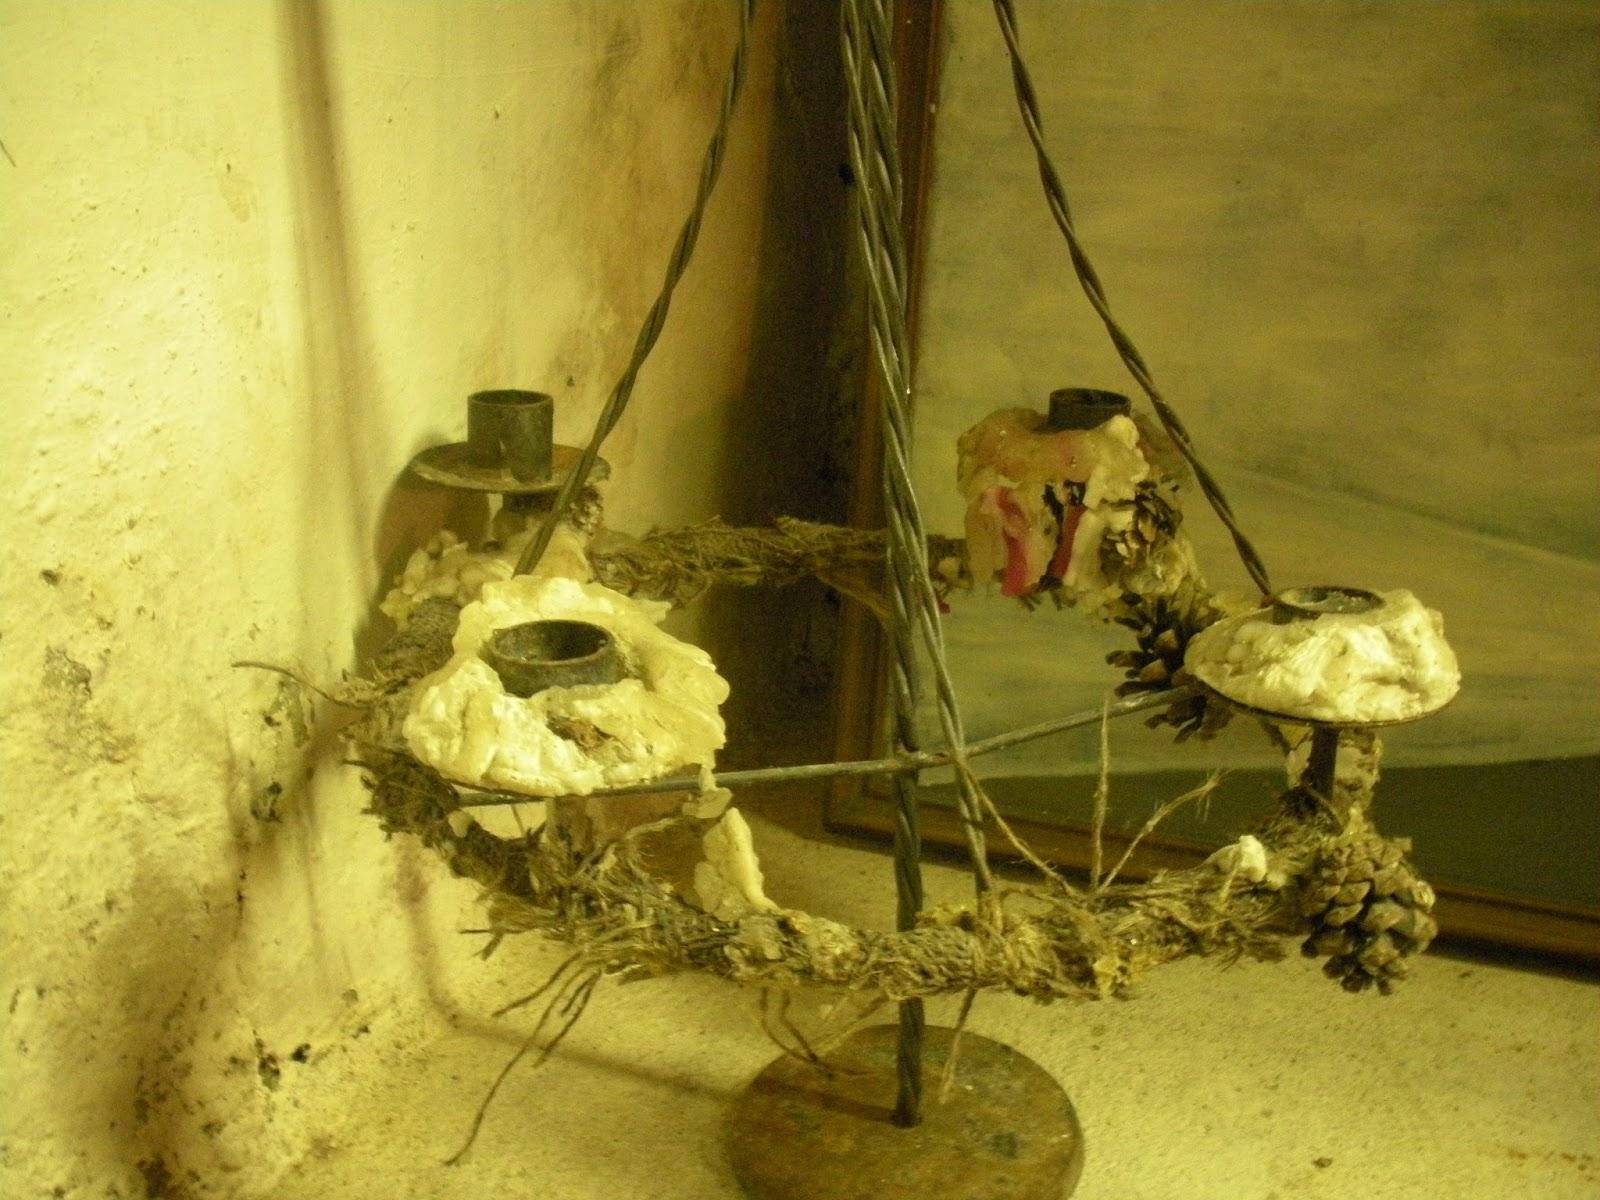 Arte antica toscana - L antica toscana cucine da incubo ...